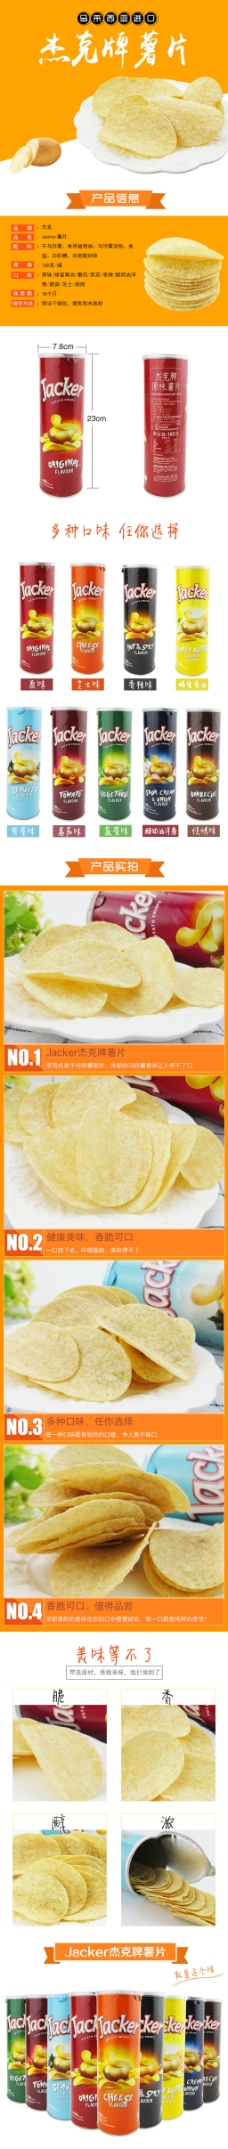 淘宝食品详情页 薯片